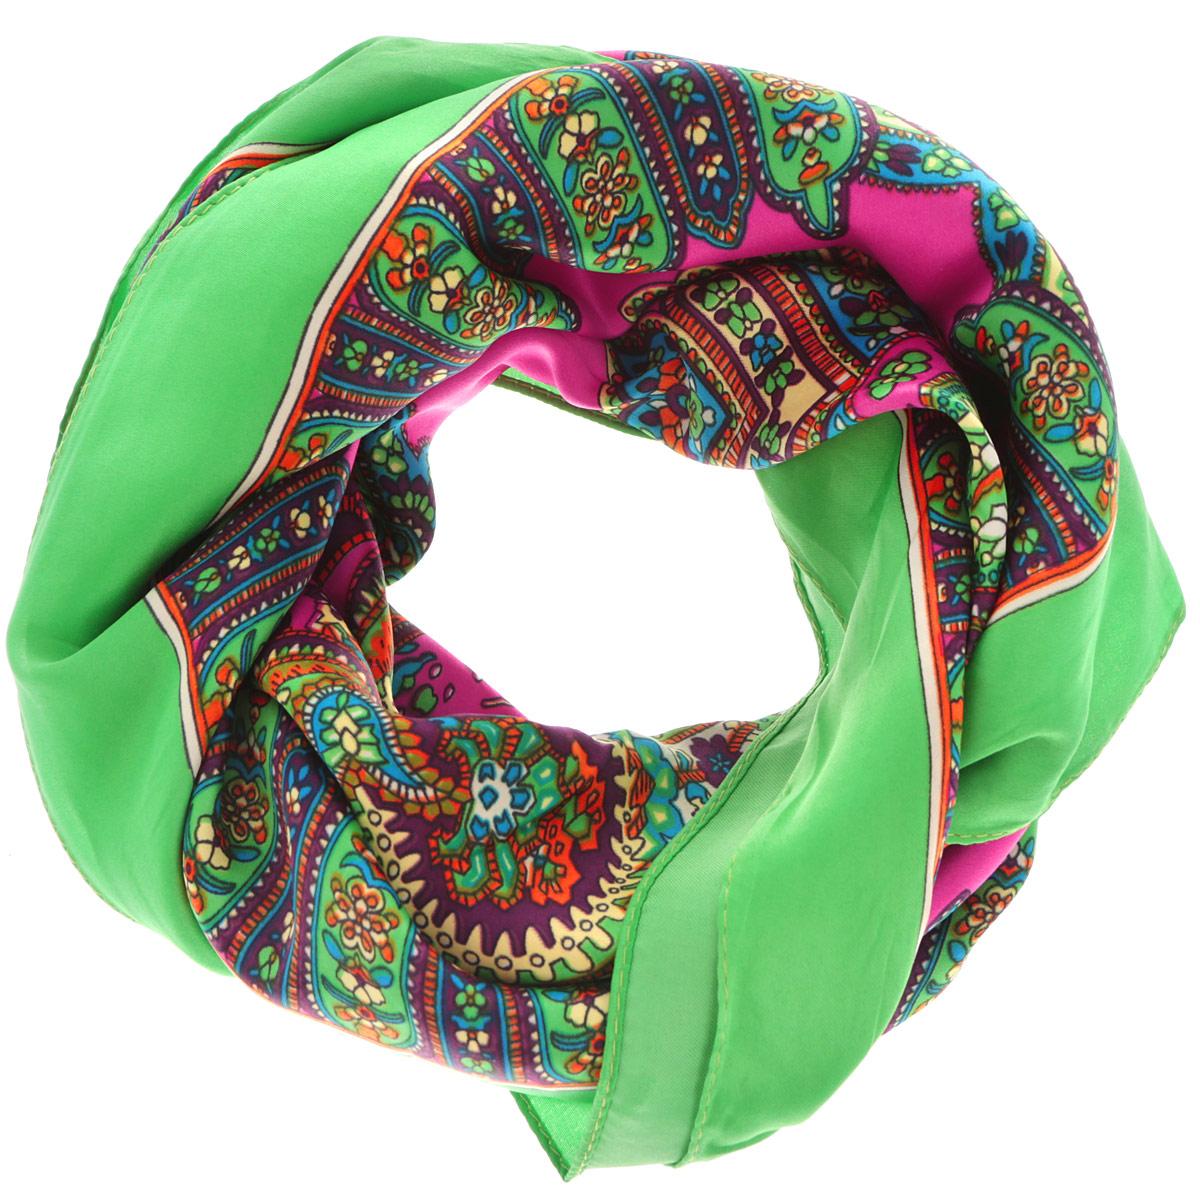 Платок женский. 0510115235_620510115235_62Стильный женский платок Sabellino станет великолепным завершением любого наряда. Платок изготовлен из полиэстера и оформлен оригинальным орнаментом. Классическая квадратная форма позволяет носить платок на шее, украшать им прическу или декорировать сумочку. Такой платок превосходно дополнит любой наряд и подчеркнет ваш неповторимый вкус и элегантность.